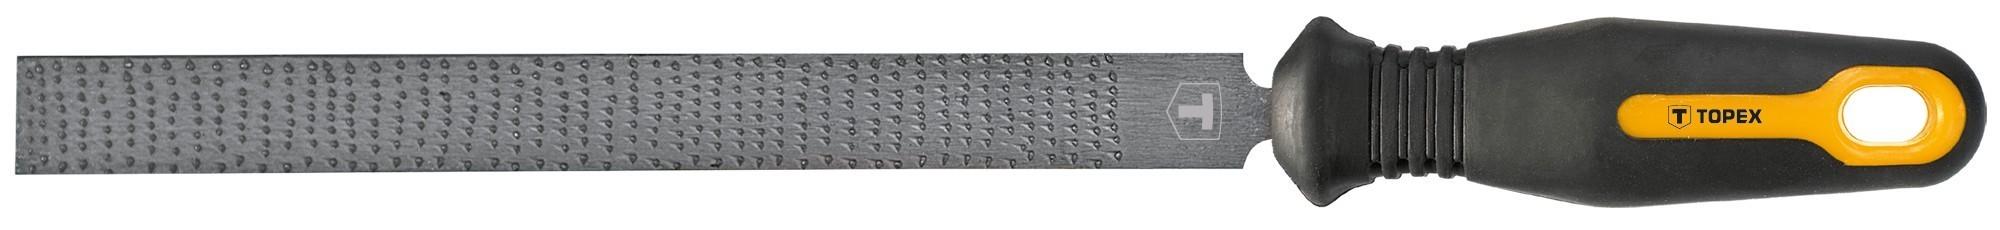 Ráspoly, fareszelõ 200 mm / 2 mm lapos | TOPEX 06A831